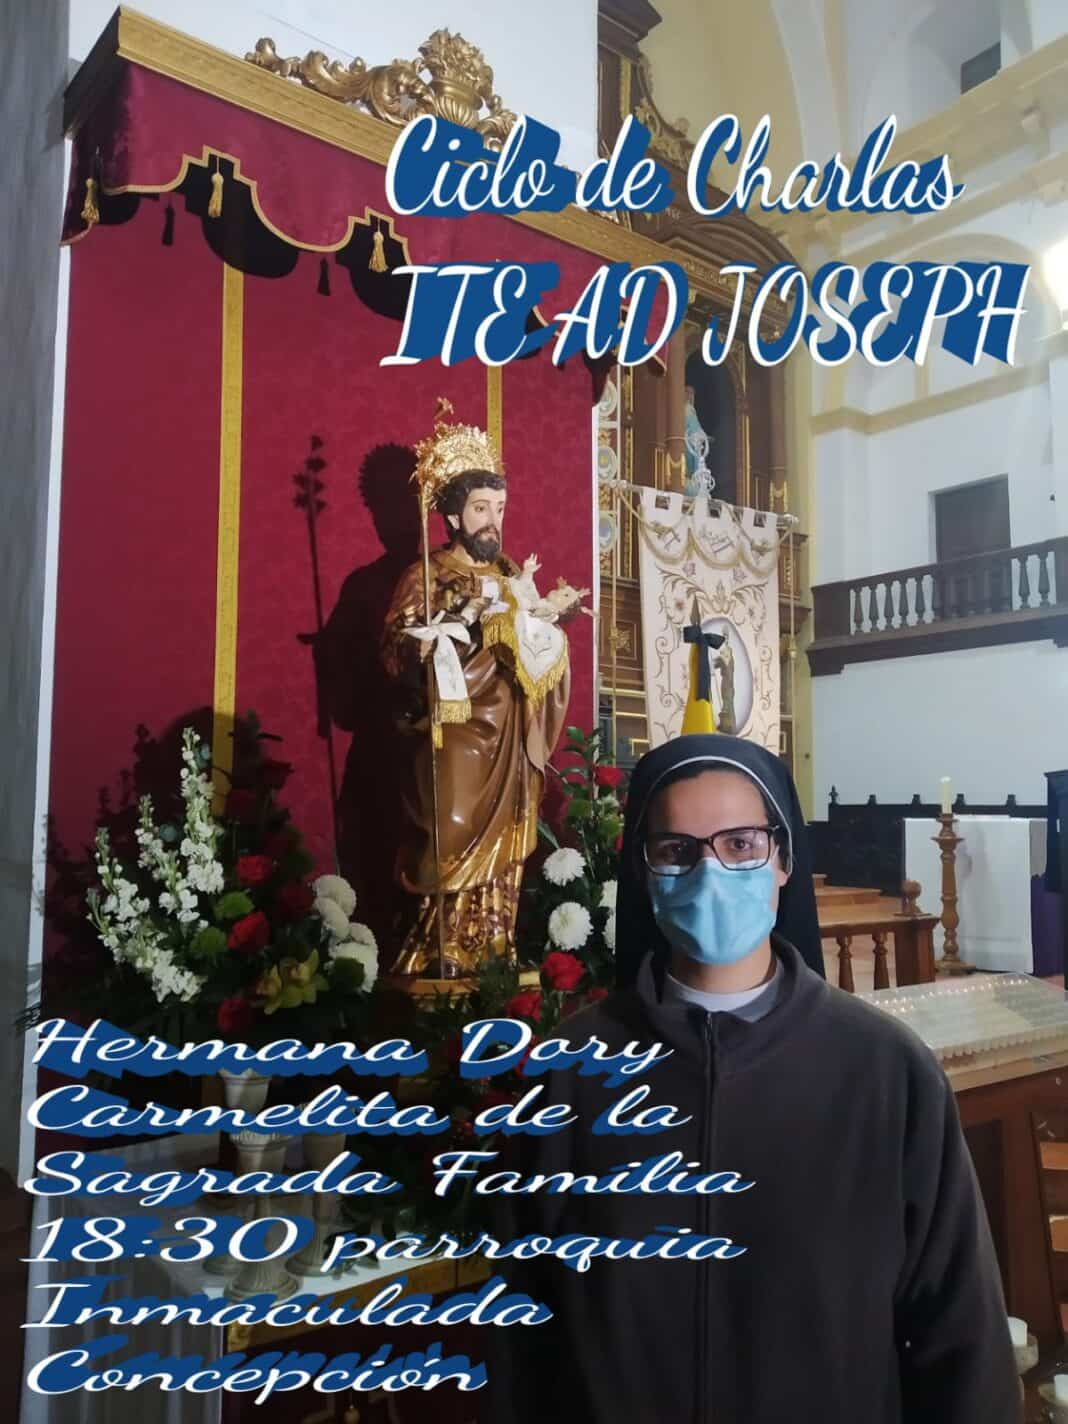 La hermana Dori hablará sobre la figura de San José como padre de Santos 1